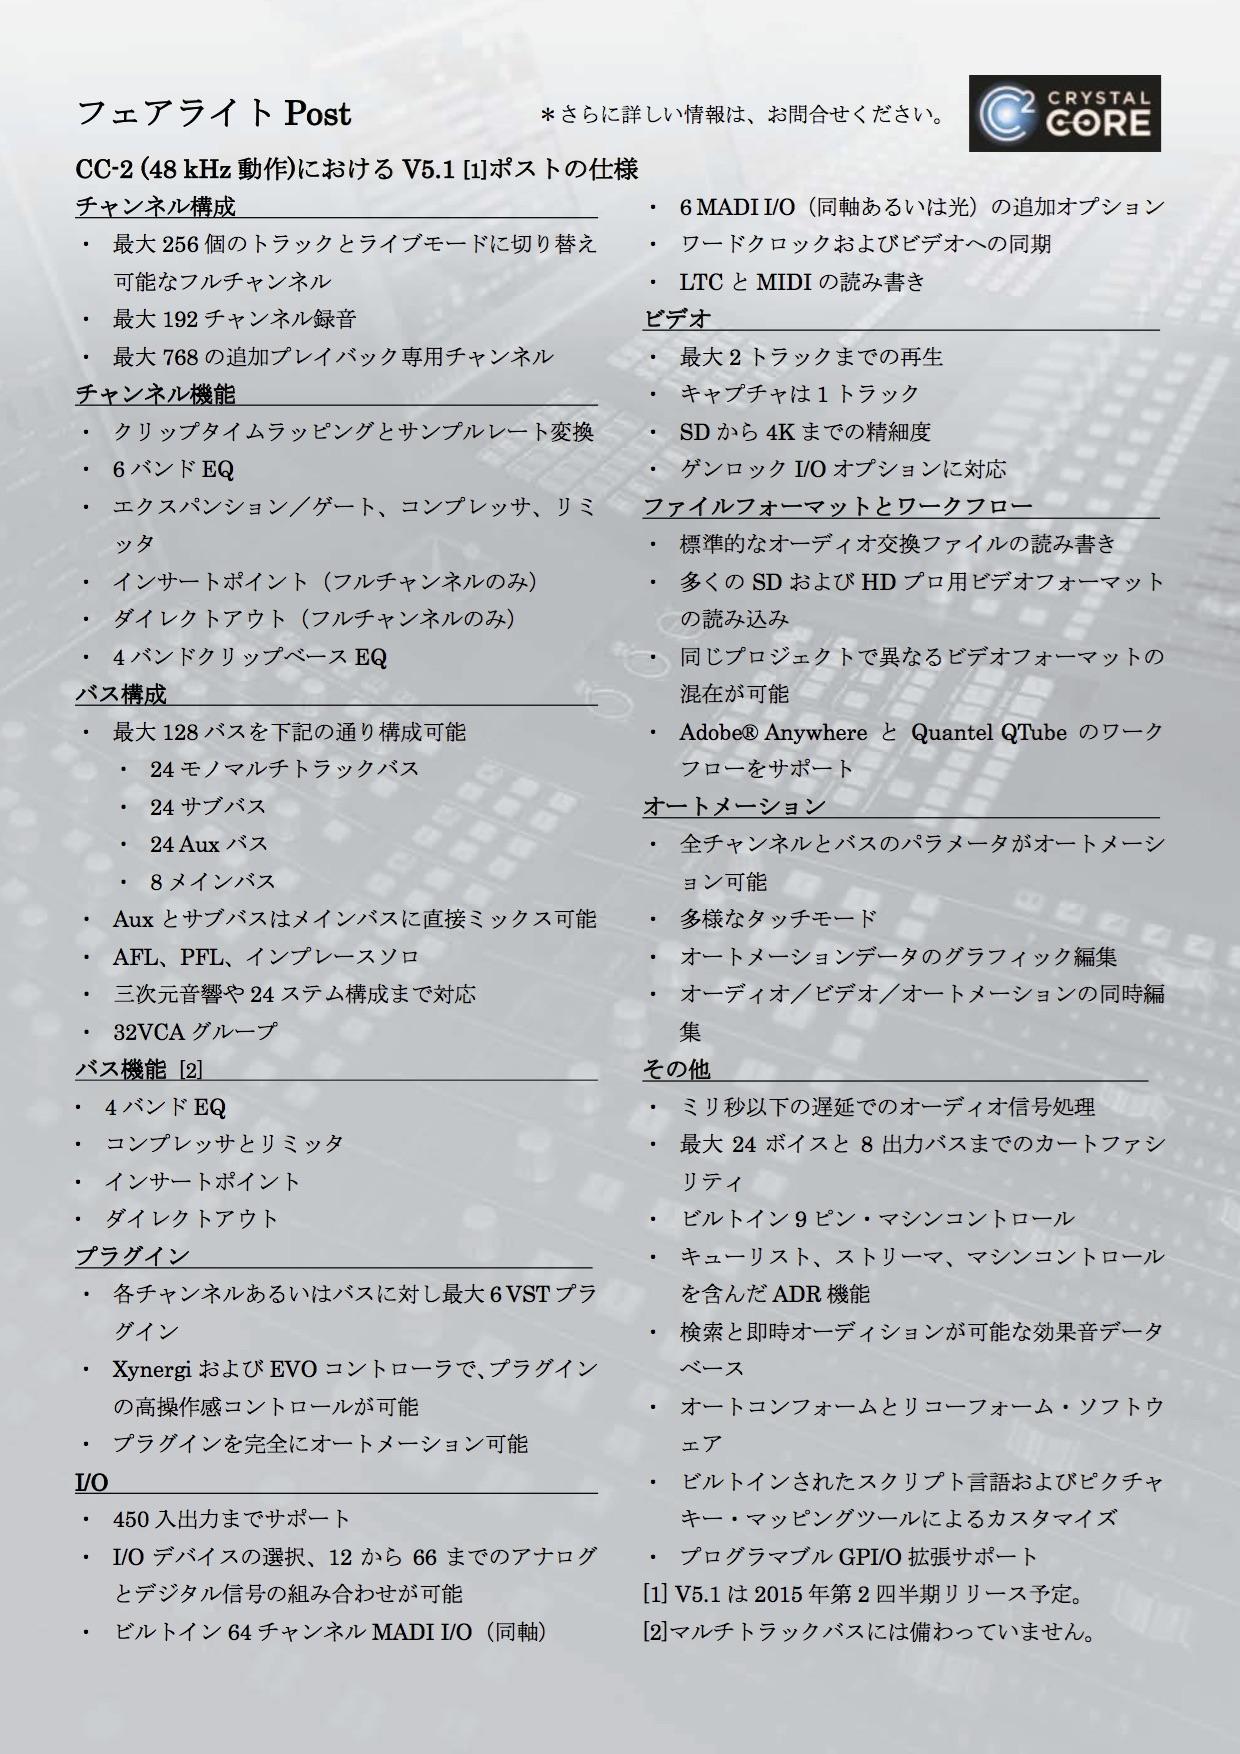 技術仕様_FairlightPOST_A4_inJapanese_151228